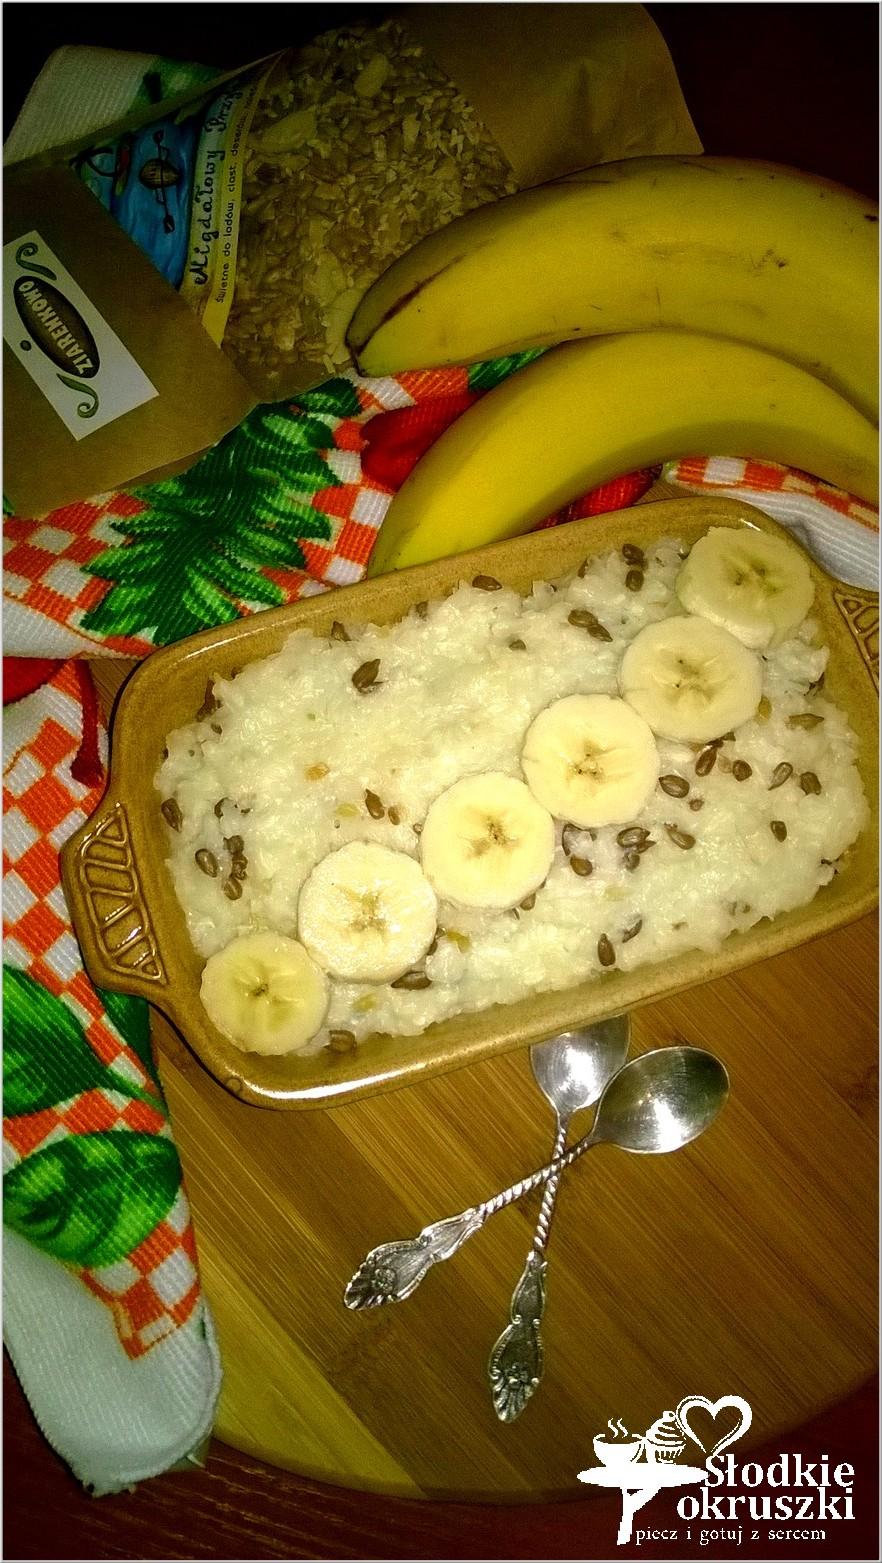 Pyszna zapiekanka ryżowa z bananami i migdałowymi ziarenkami 2